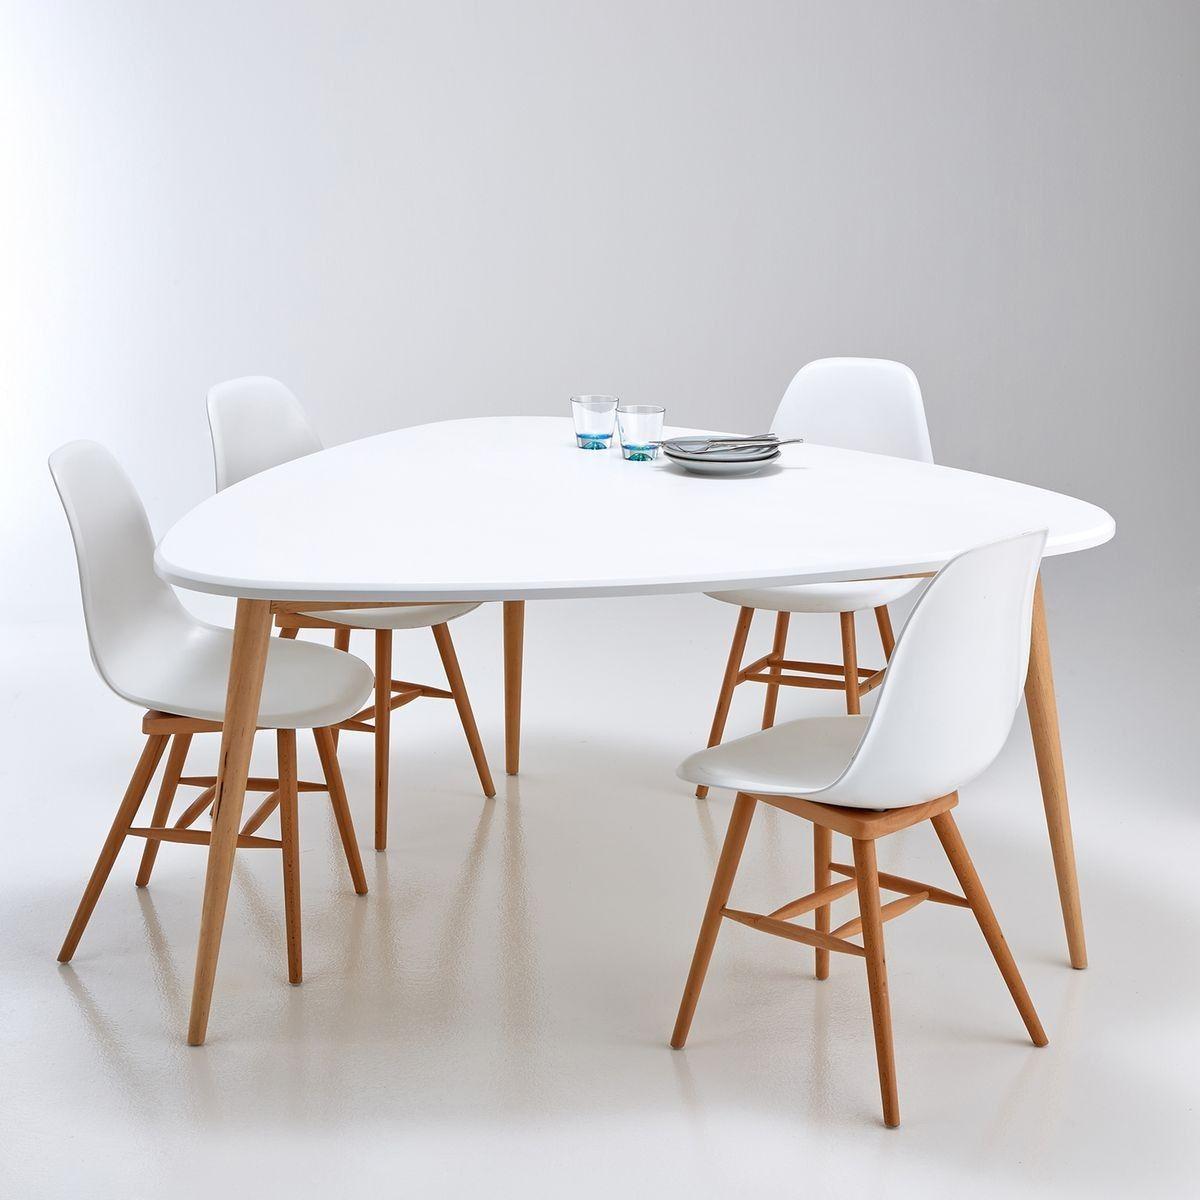 Table De Salle à Manger 6 Personnes Jimi Table In 2019